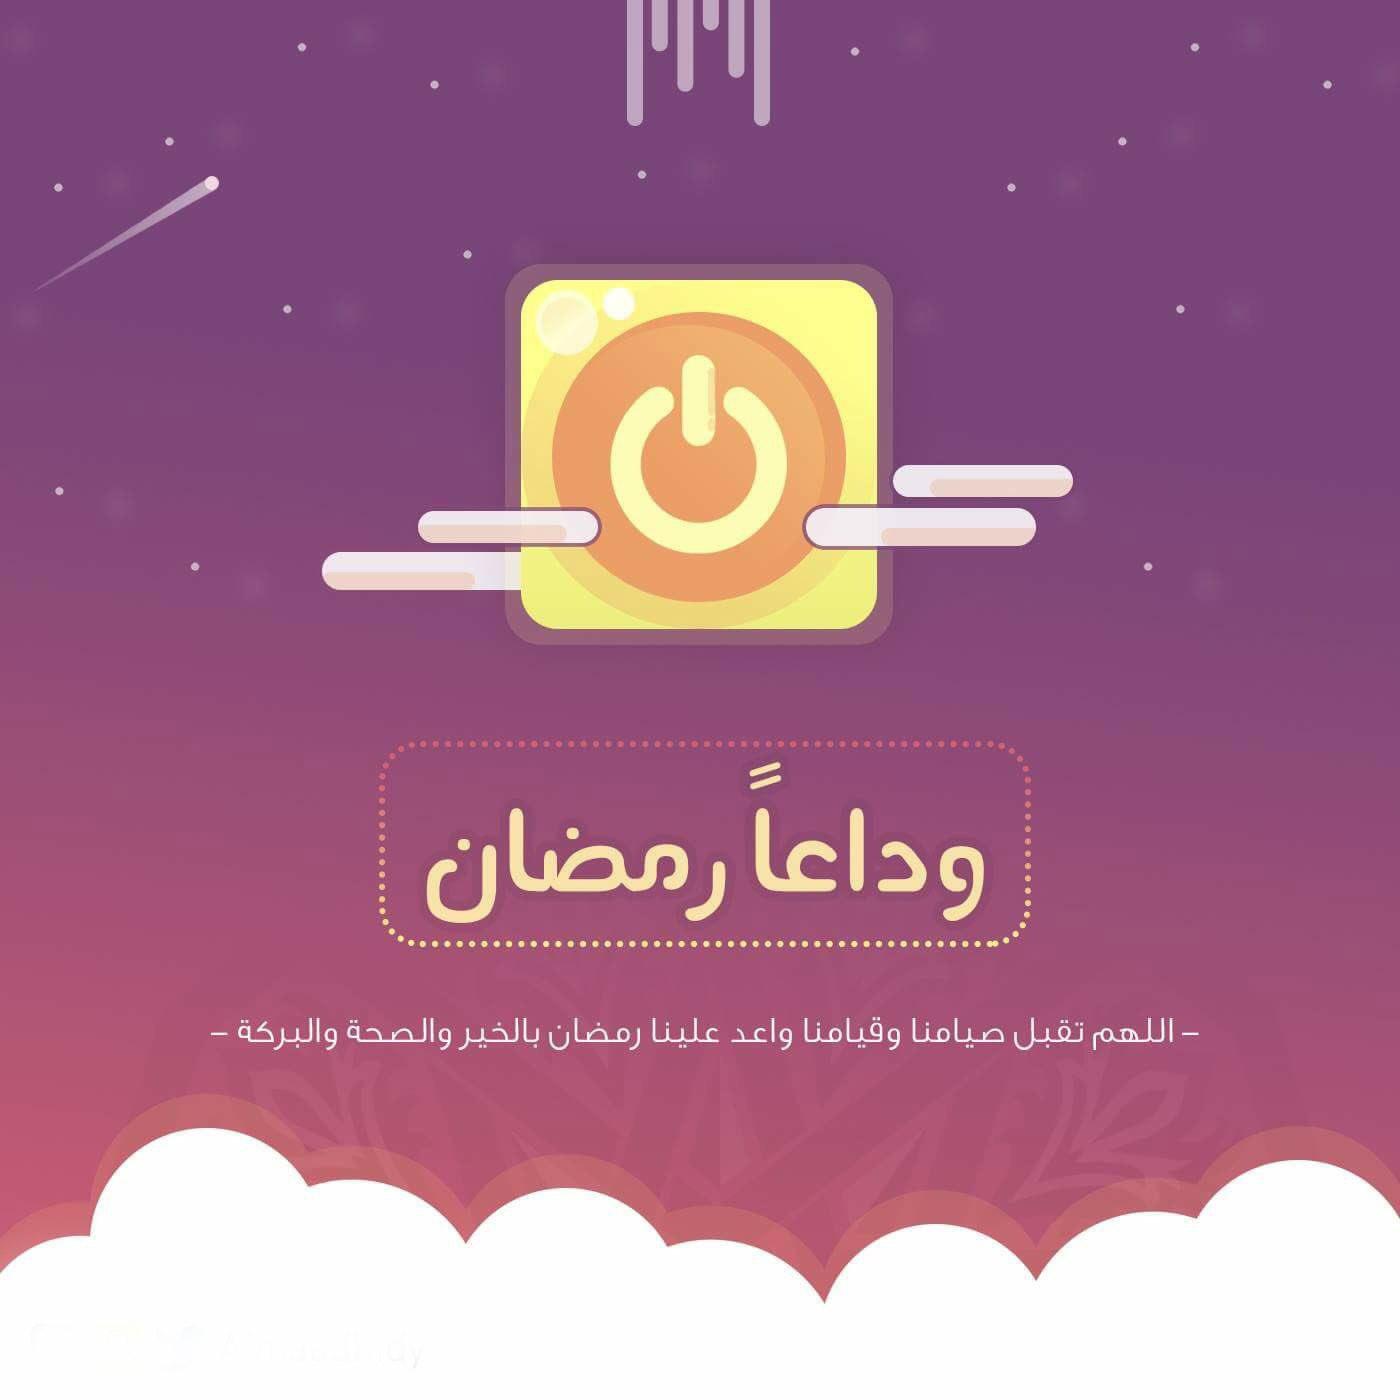 ادعية مكتوبة عن فراق رمضان دعاء اخر يوم في رمضان